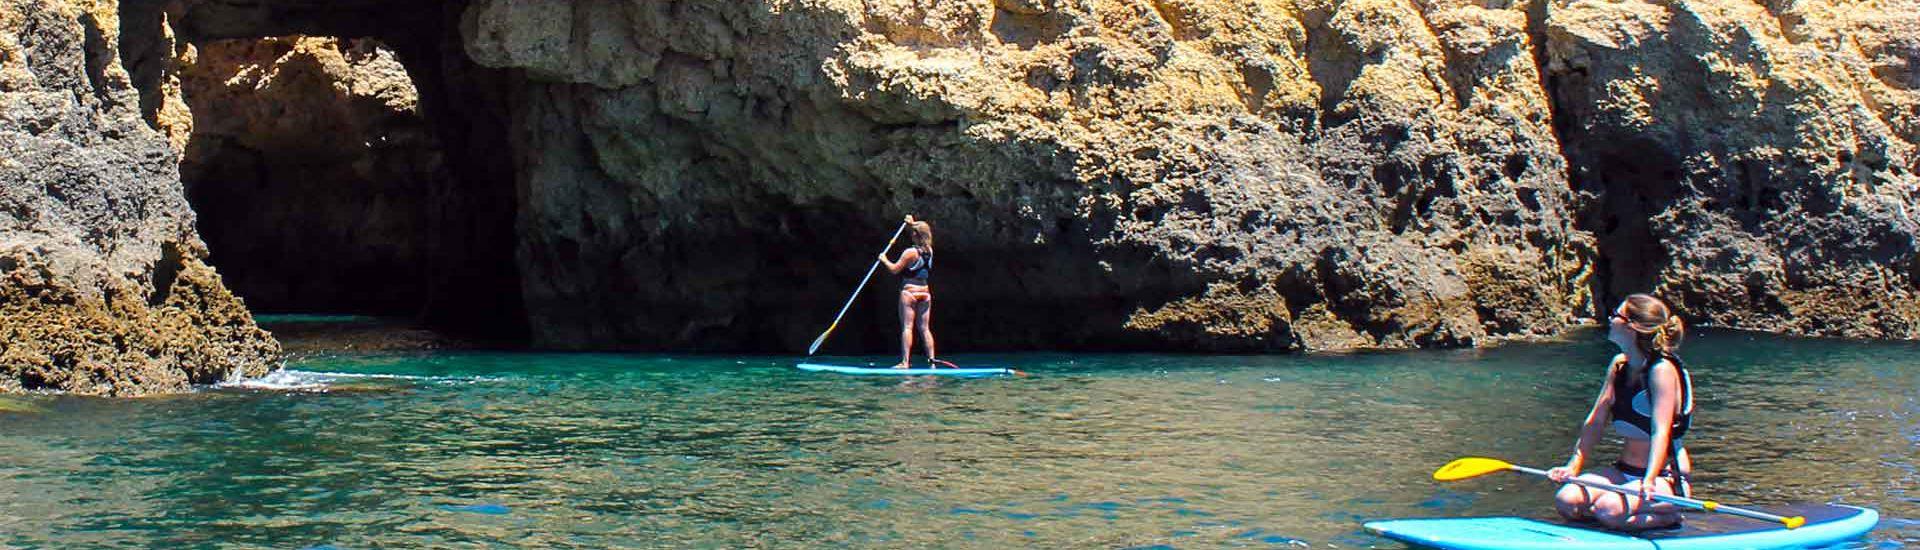 Travessa Paddle surf Garraf